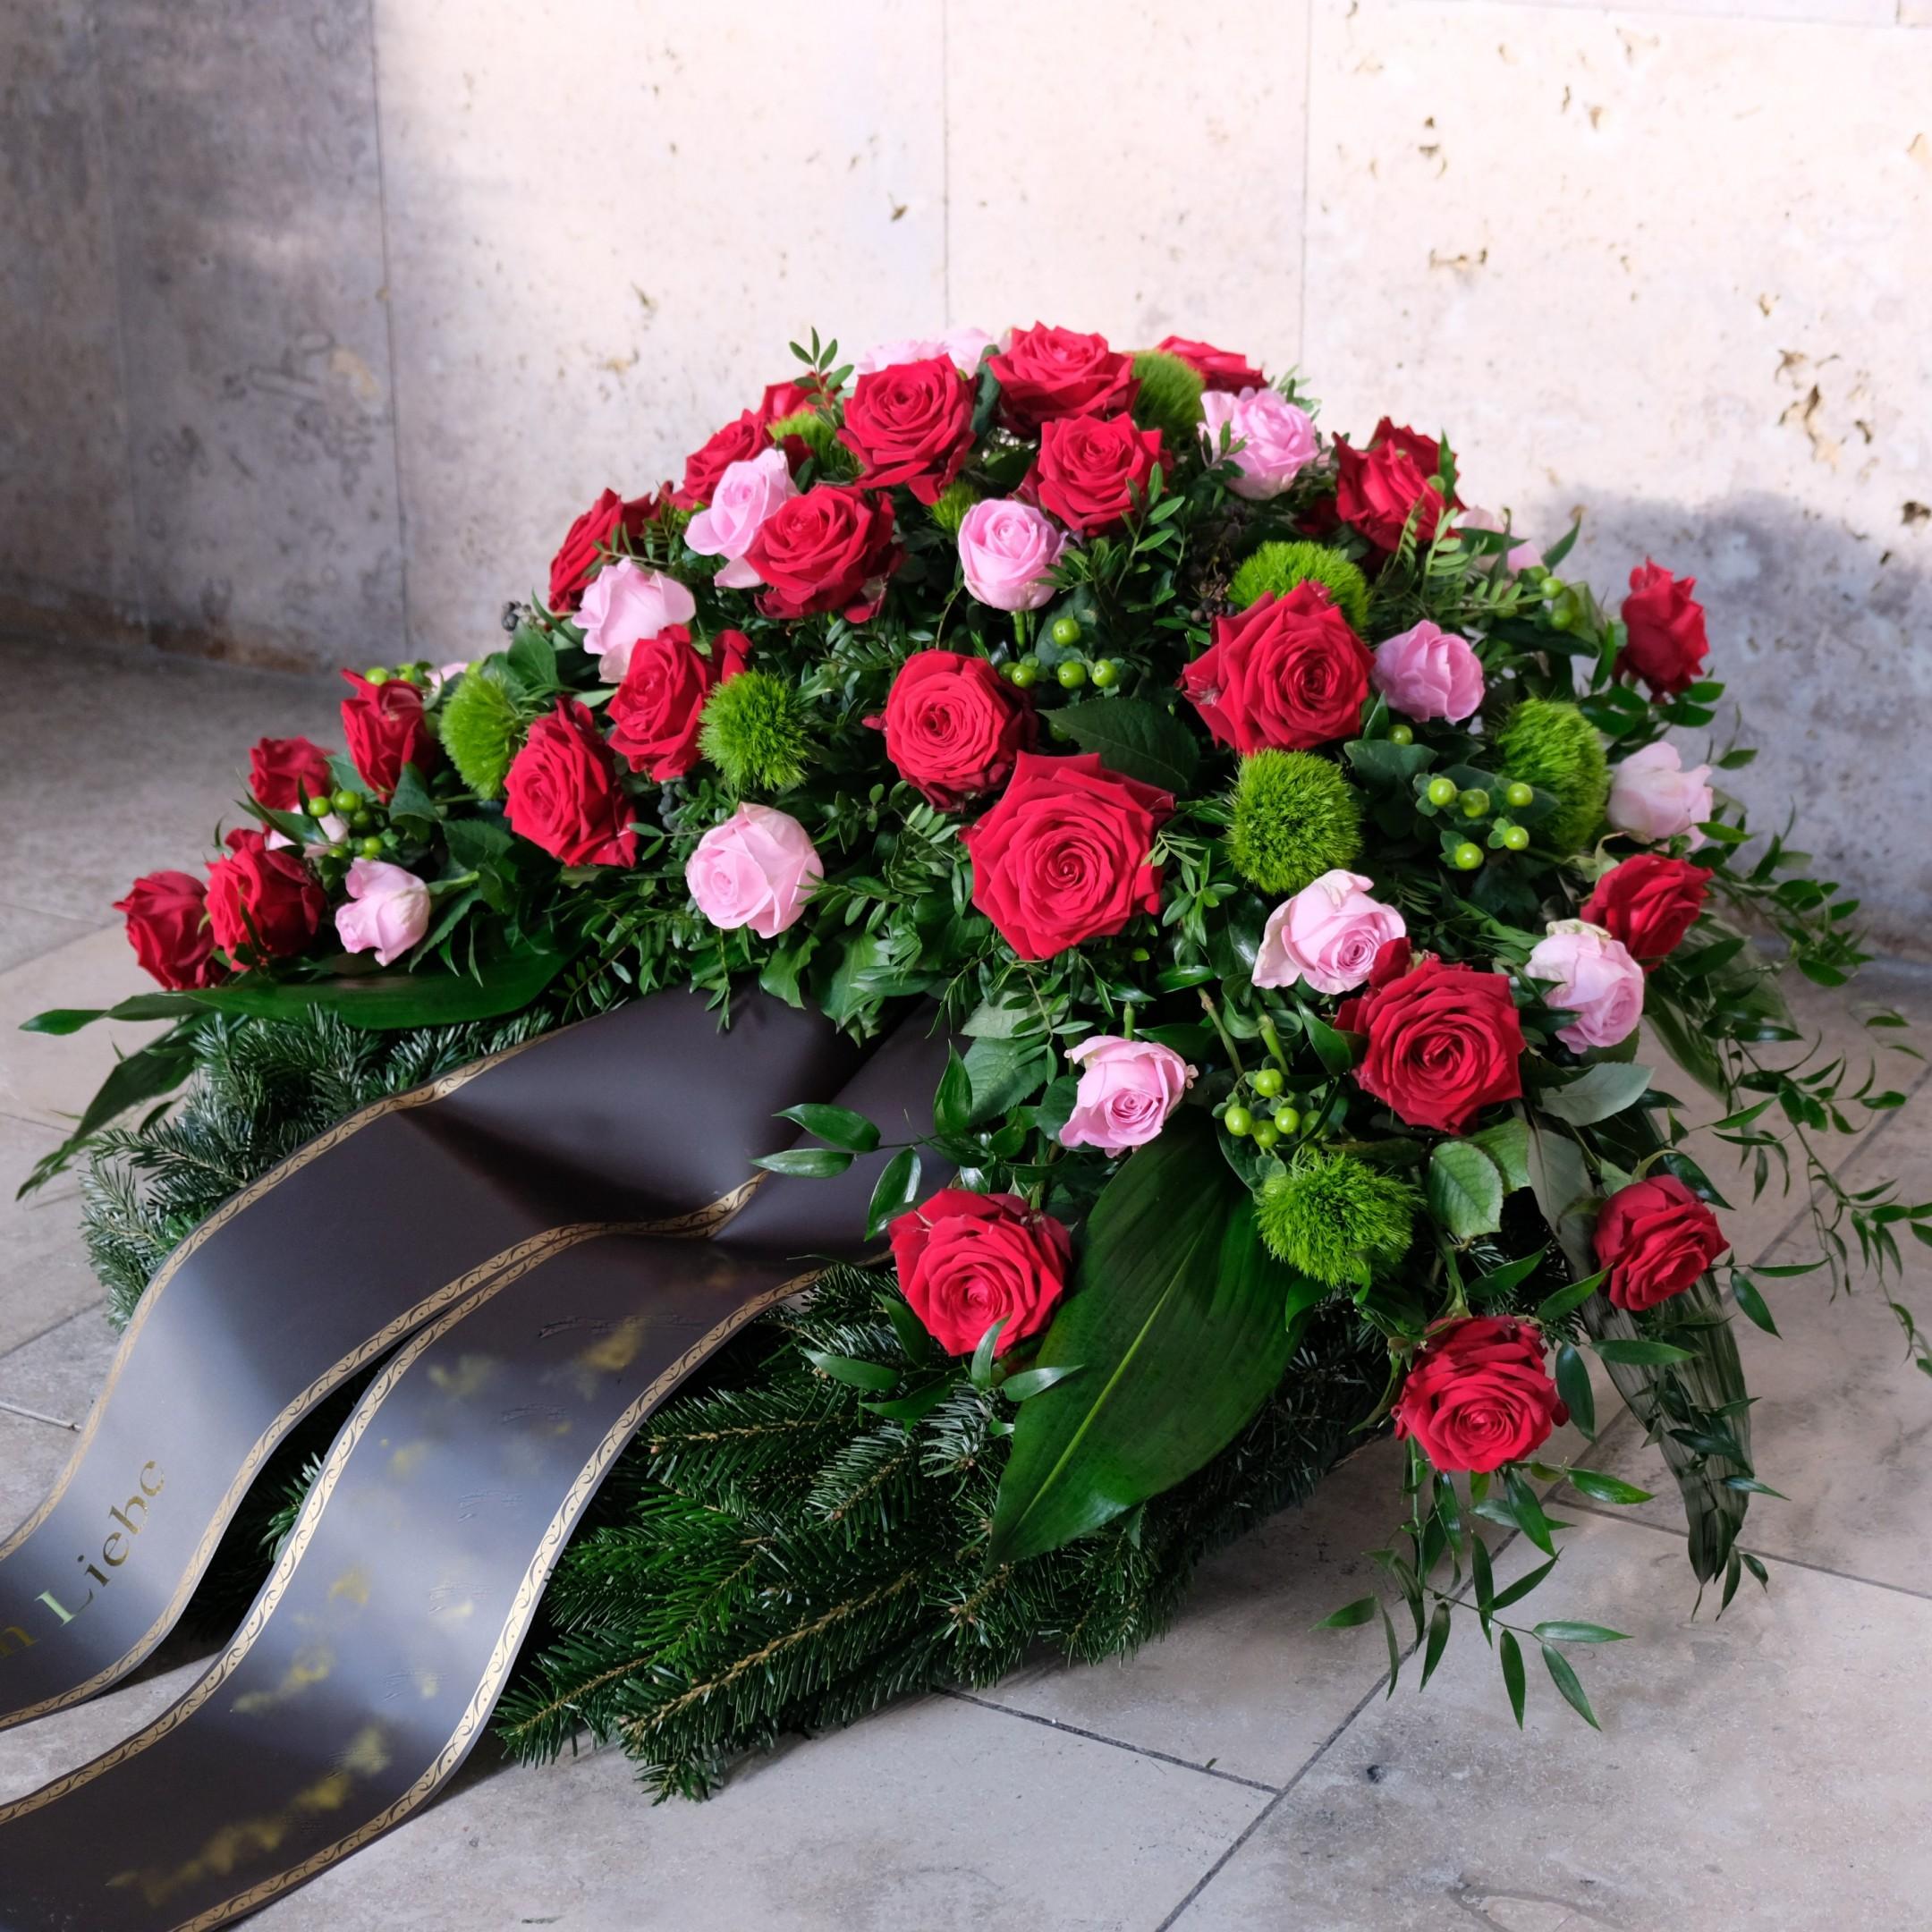 Trauerkranz mit Rosen Bild 2